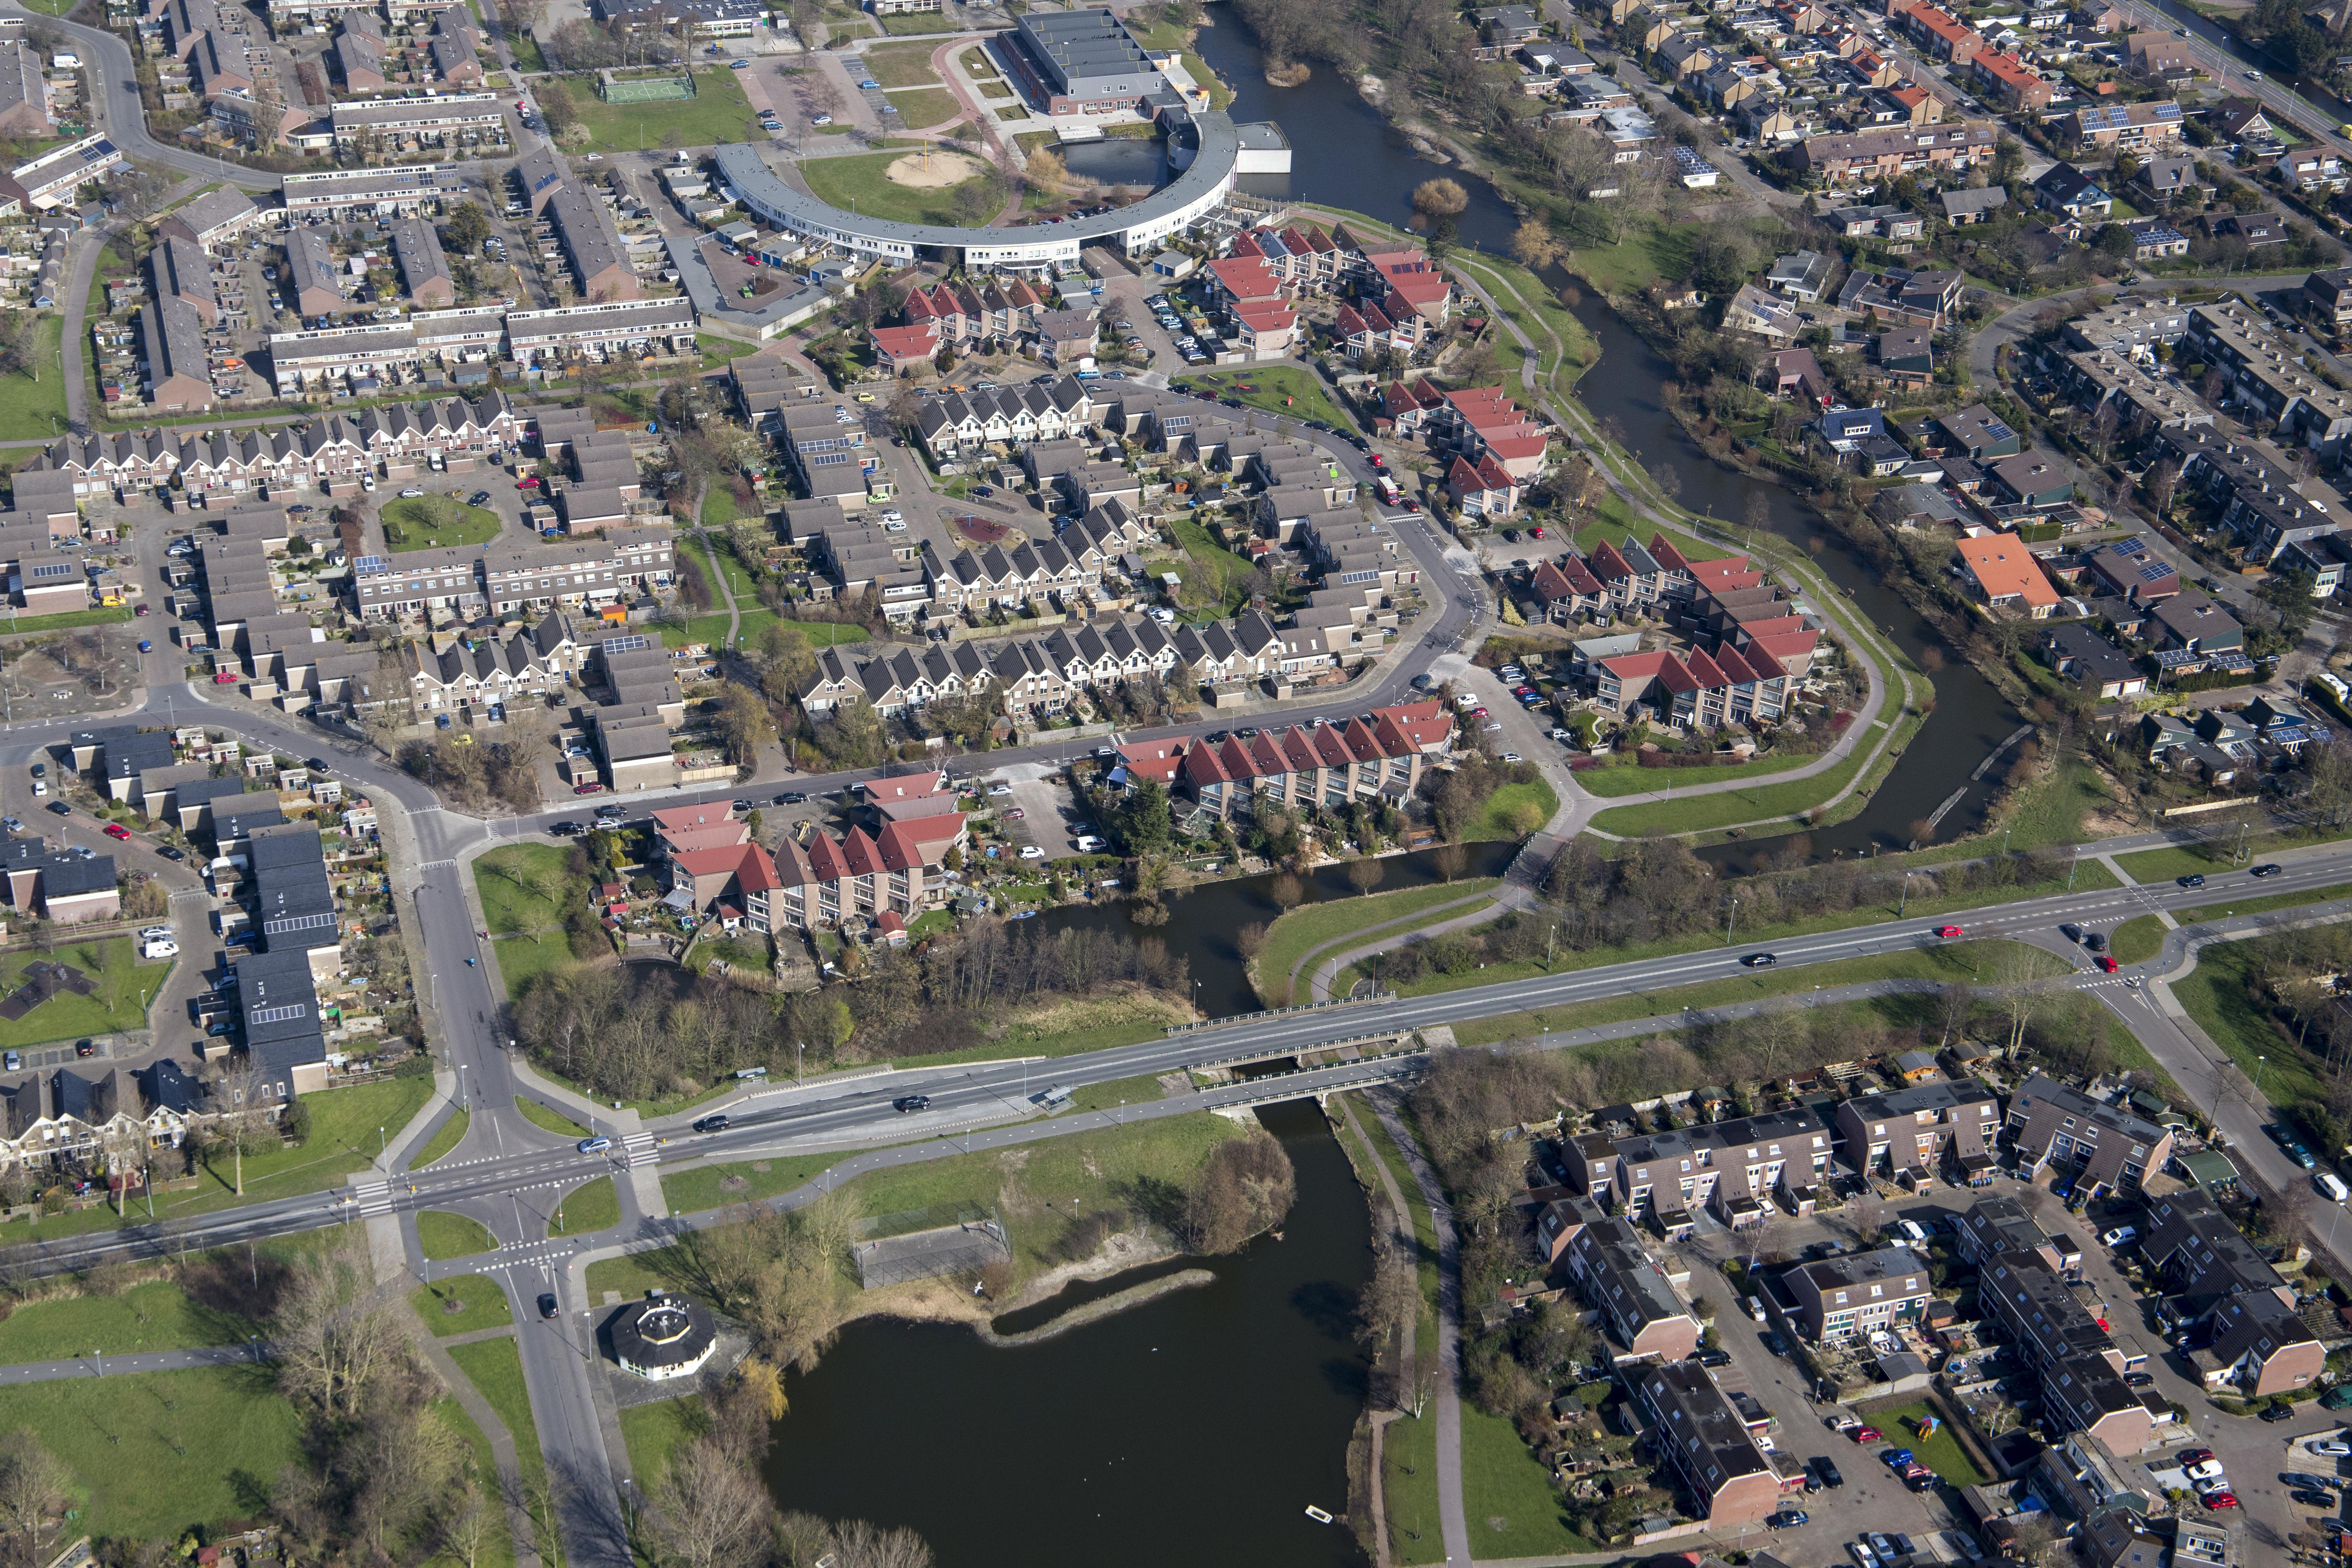 Vaart achter oplossing voor 'in zichzelf gekeerde' bloemkoolwijken in Julianadorp. 'Zonder radicale ingrepen', aldus de Rijksbouwmeester [video]